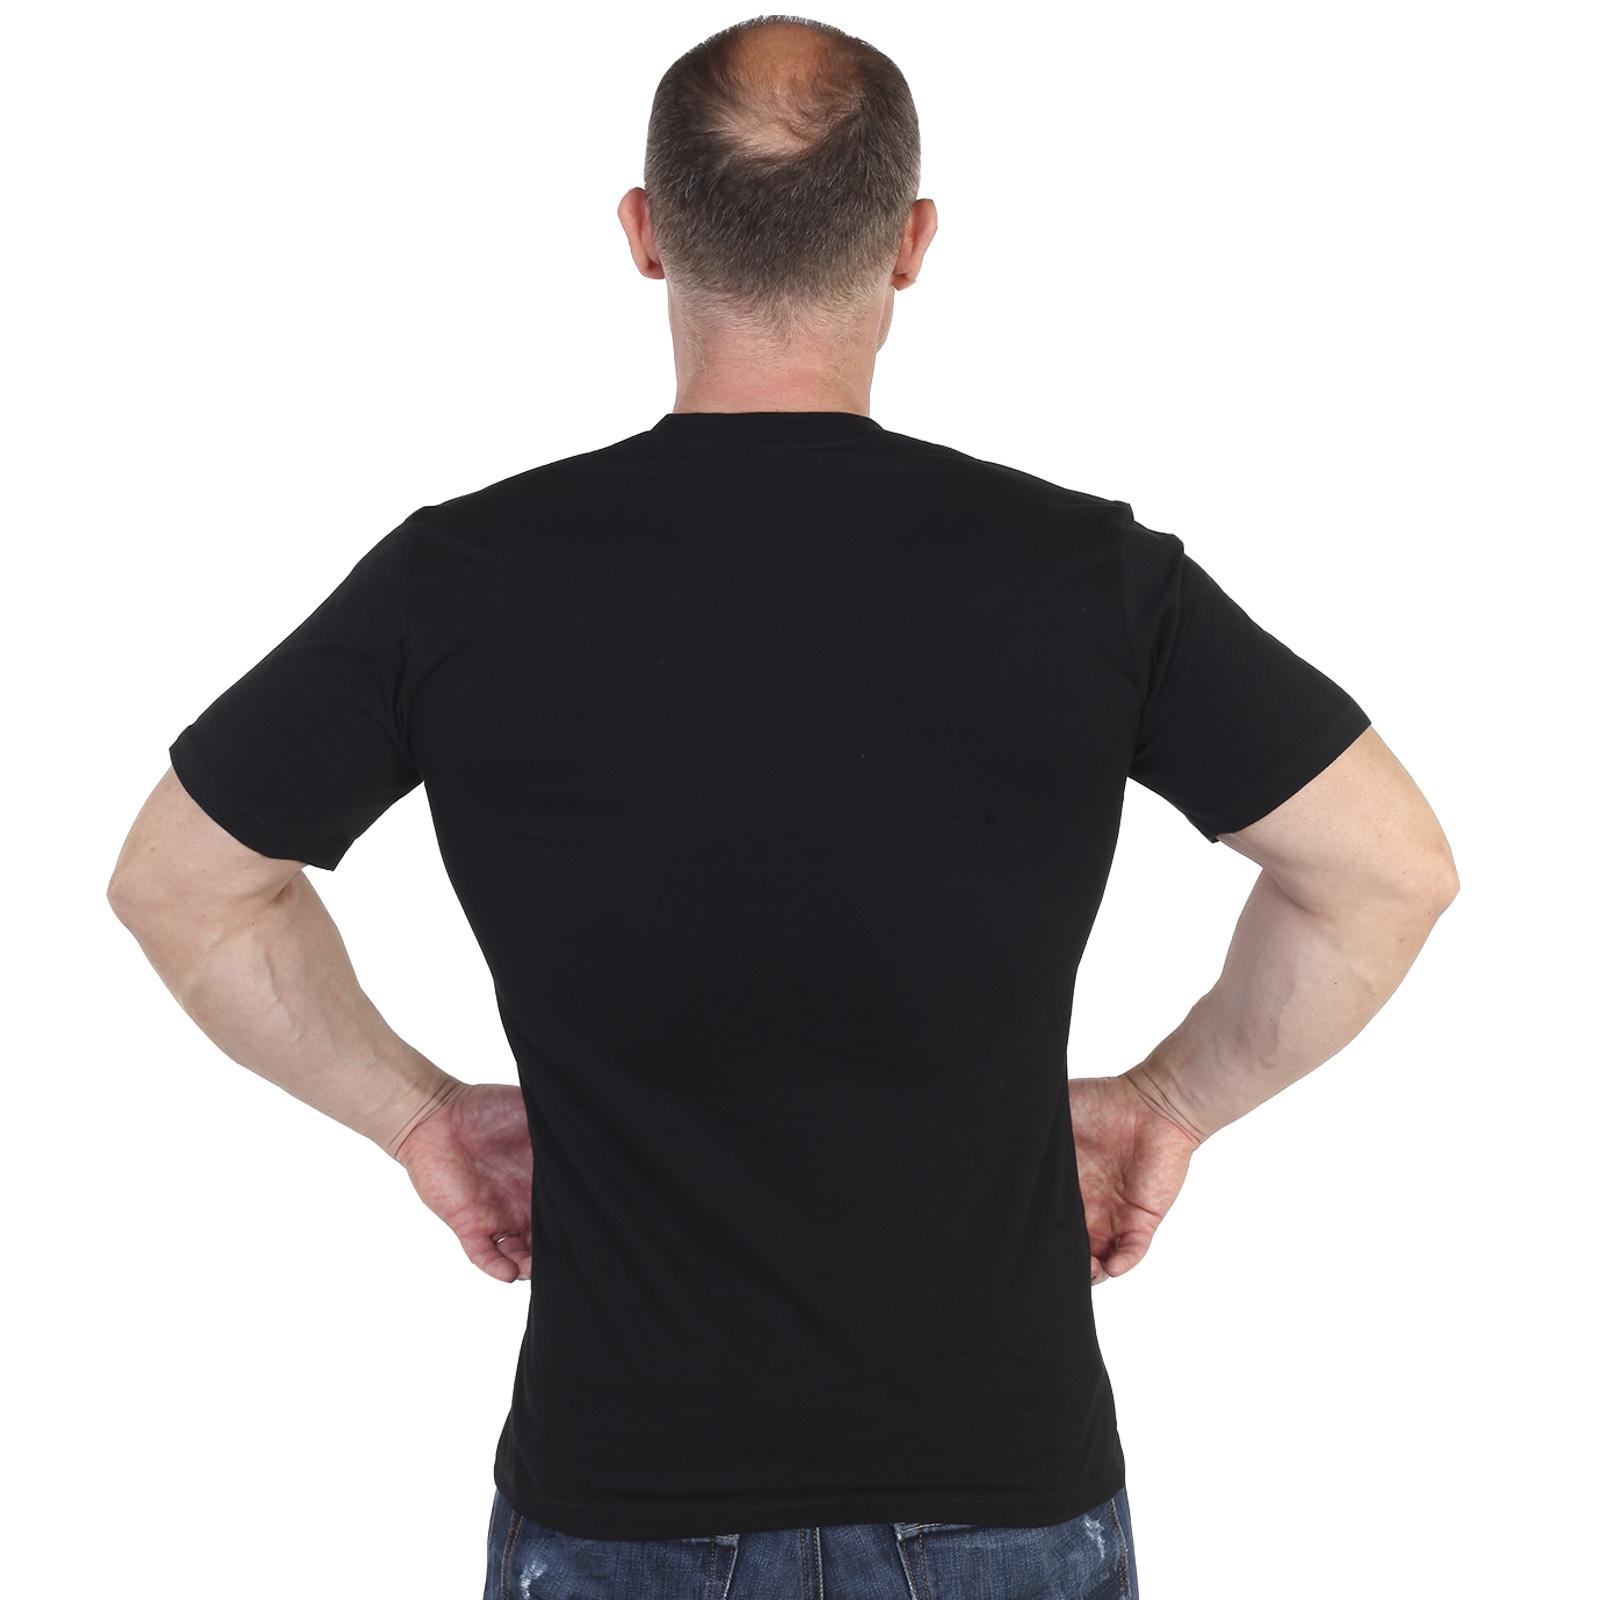 Мужская футболка 47 Керкинский погранотряд